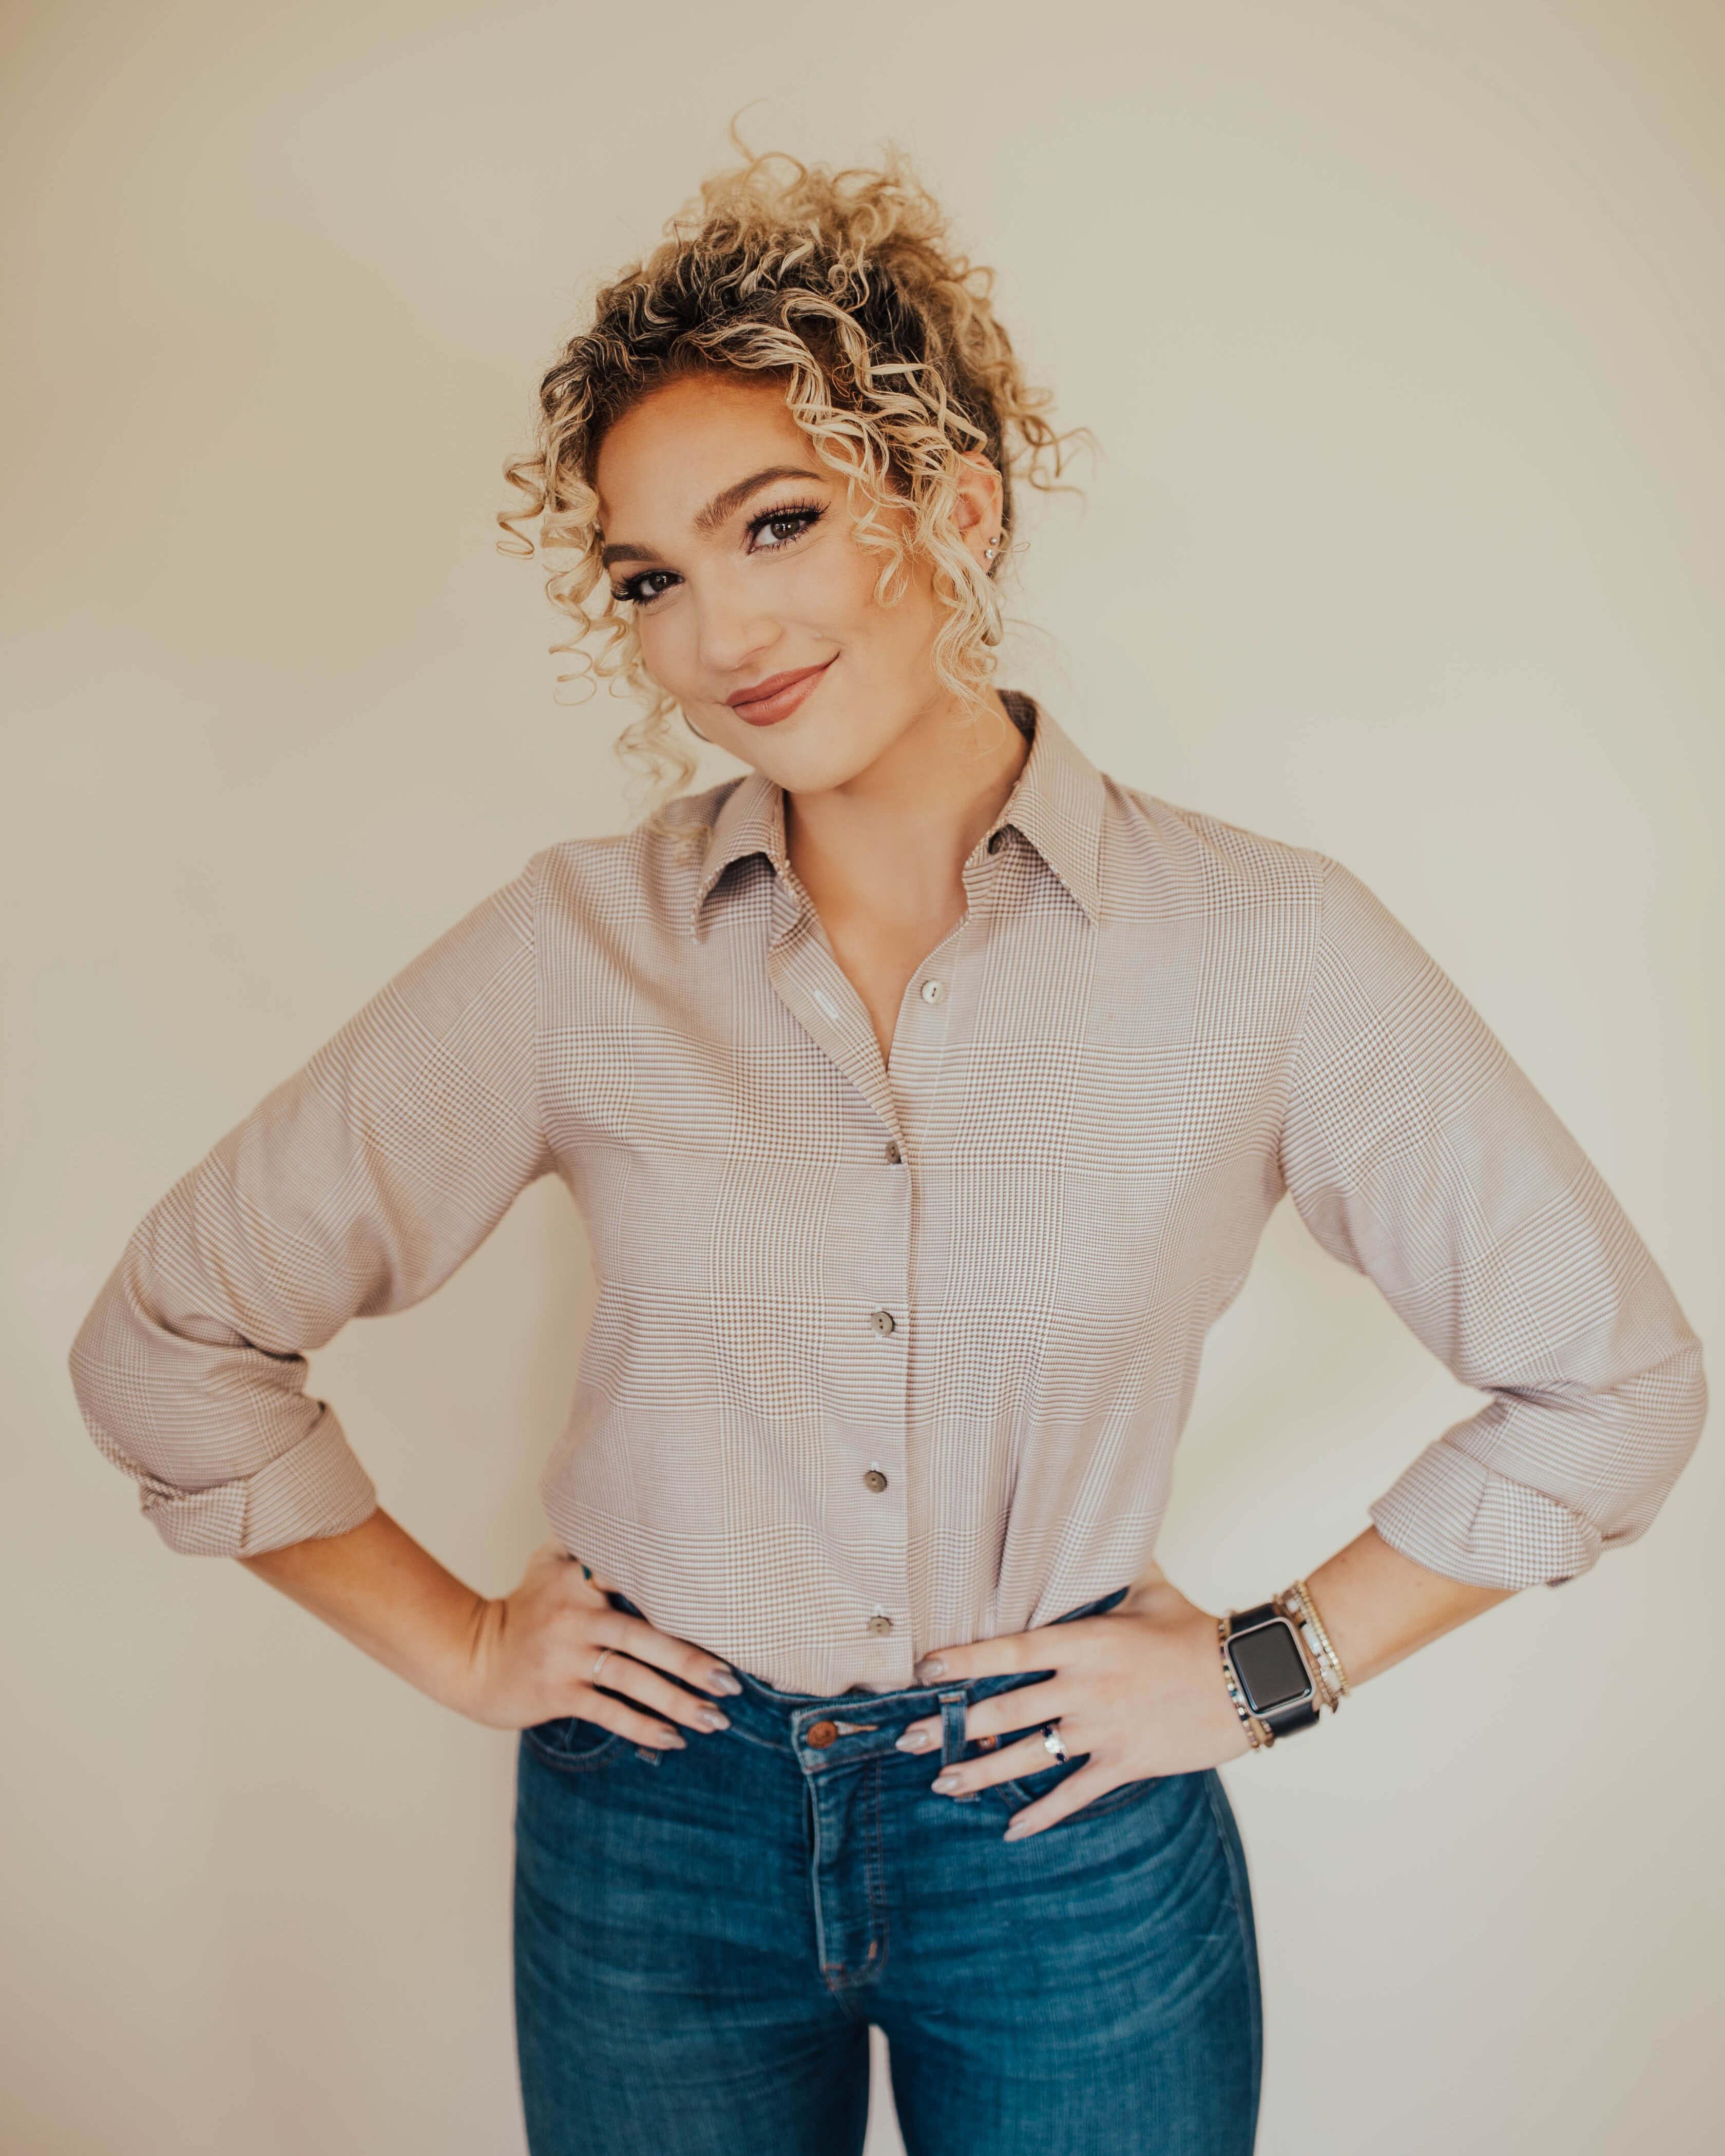 Grace Rochat - Effortless Beauty Team Member